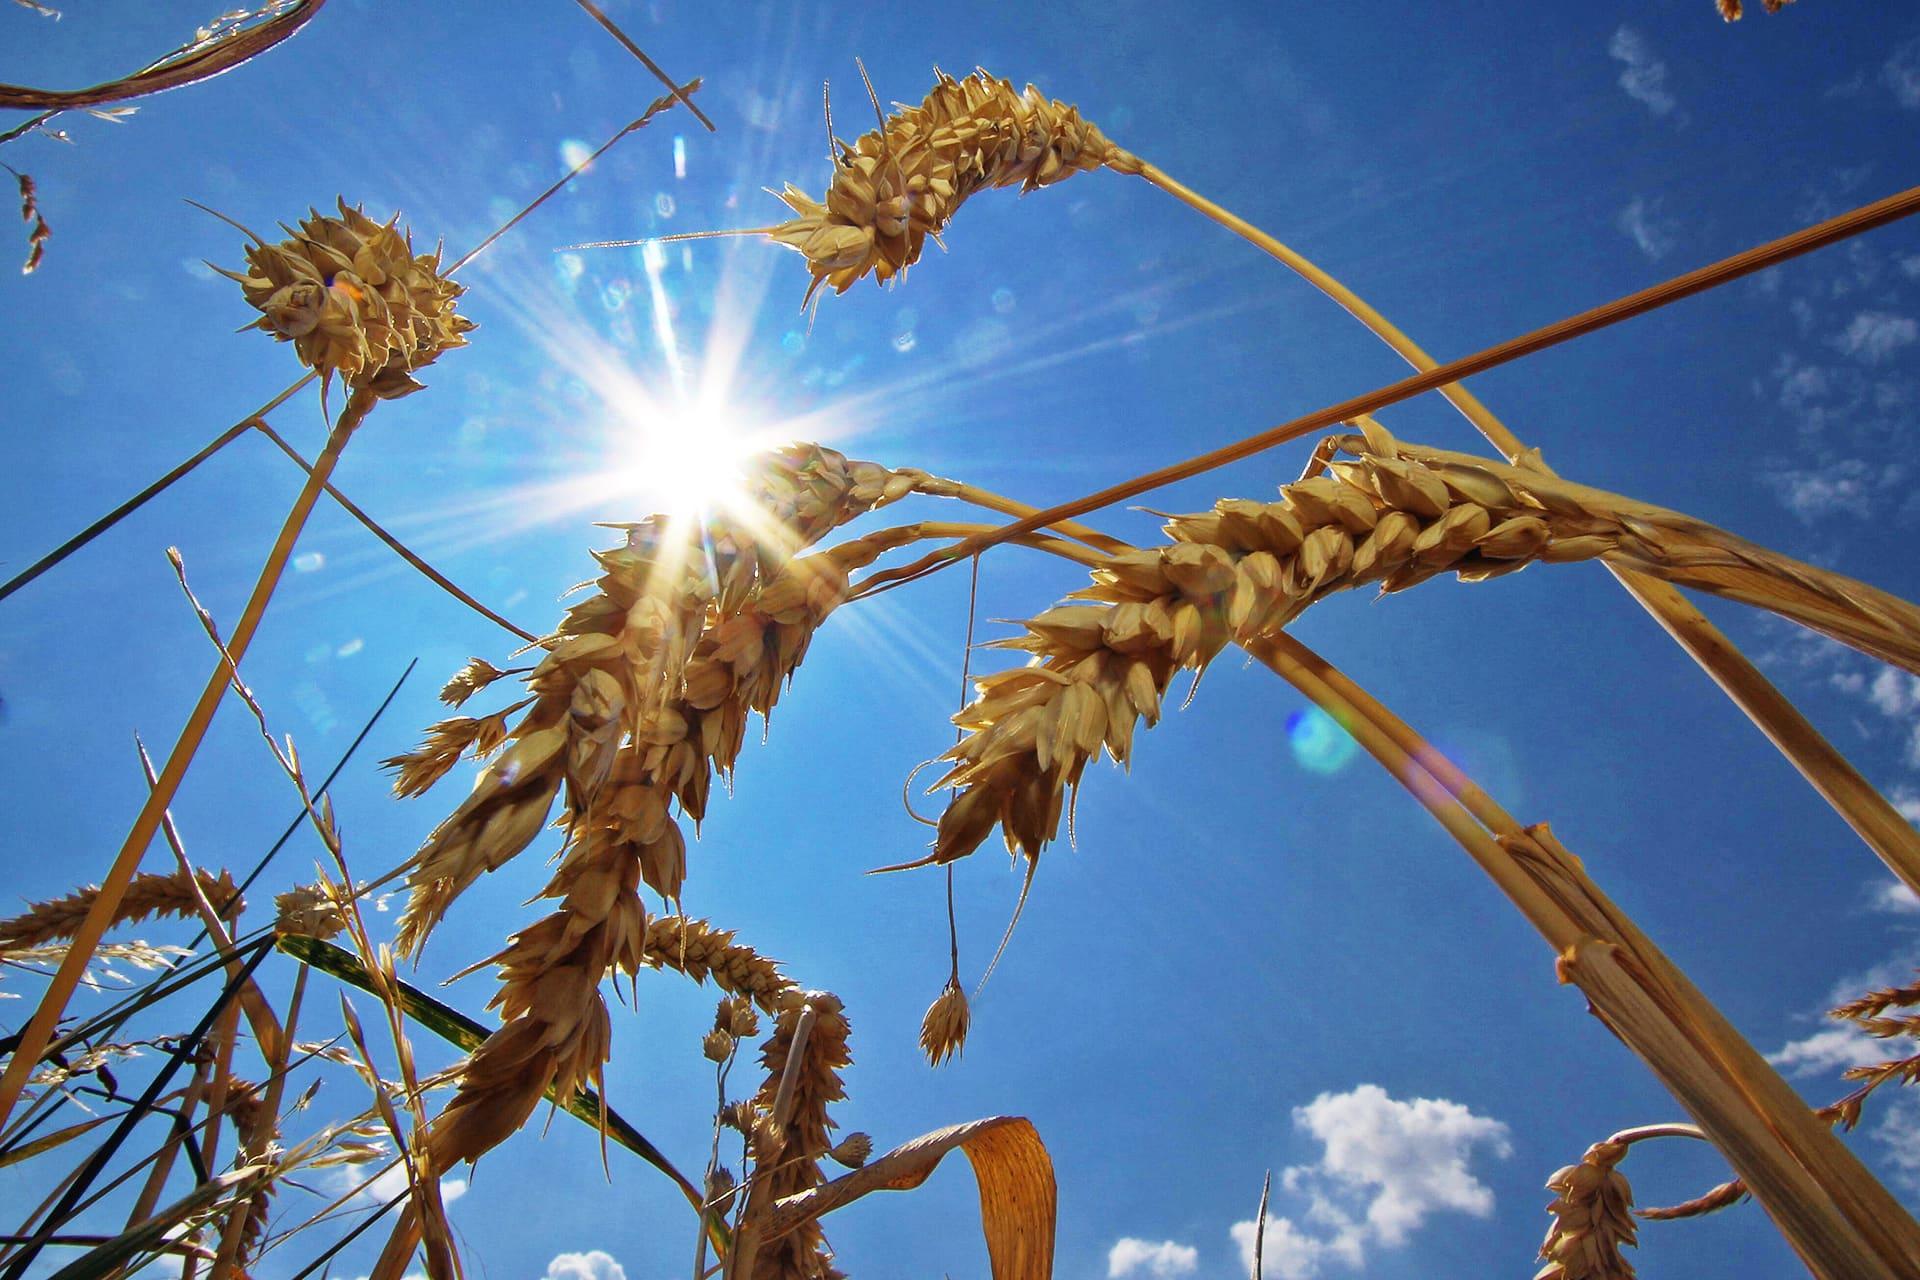 Kuivuudesta kärsivää vehnäpeltoa.